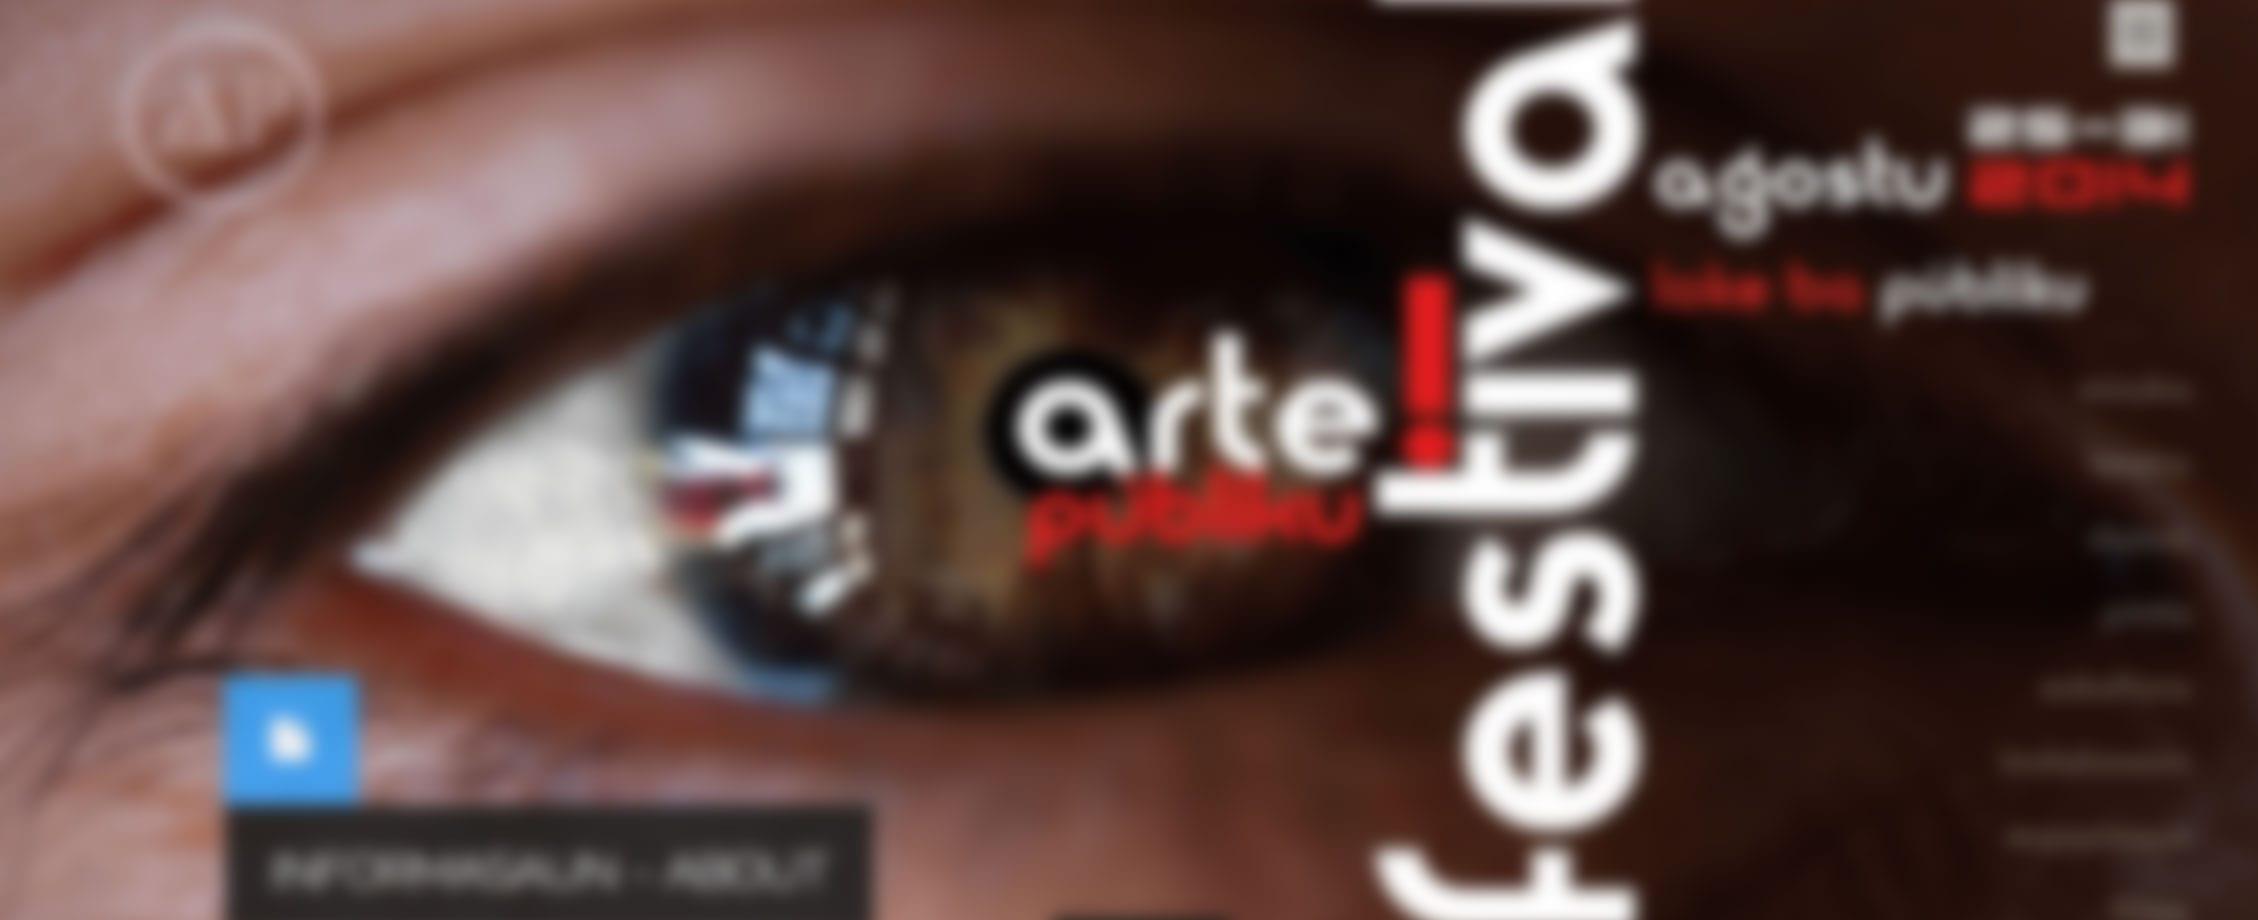 arte-publiku